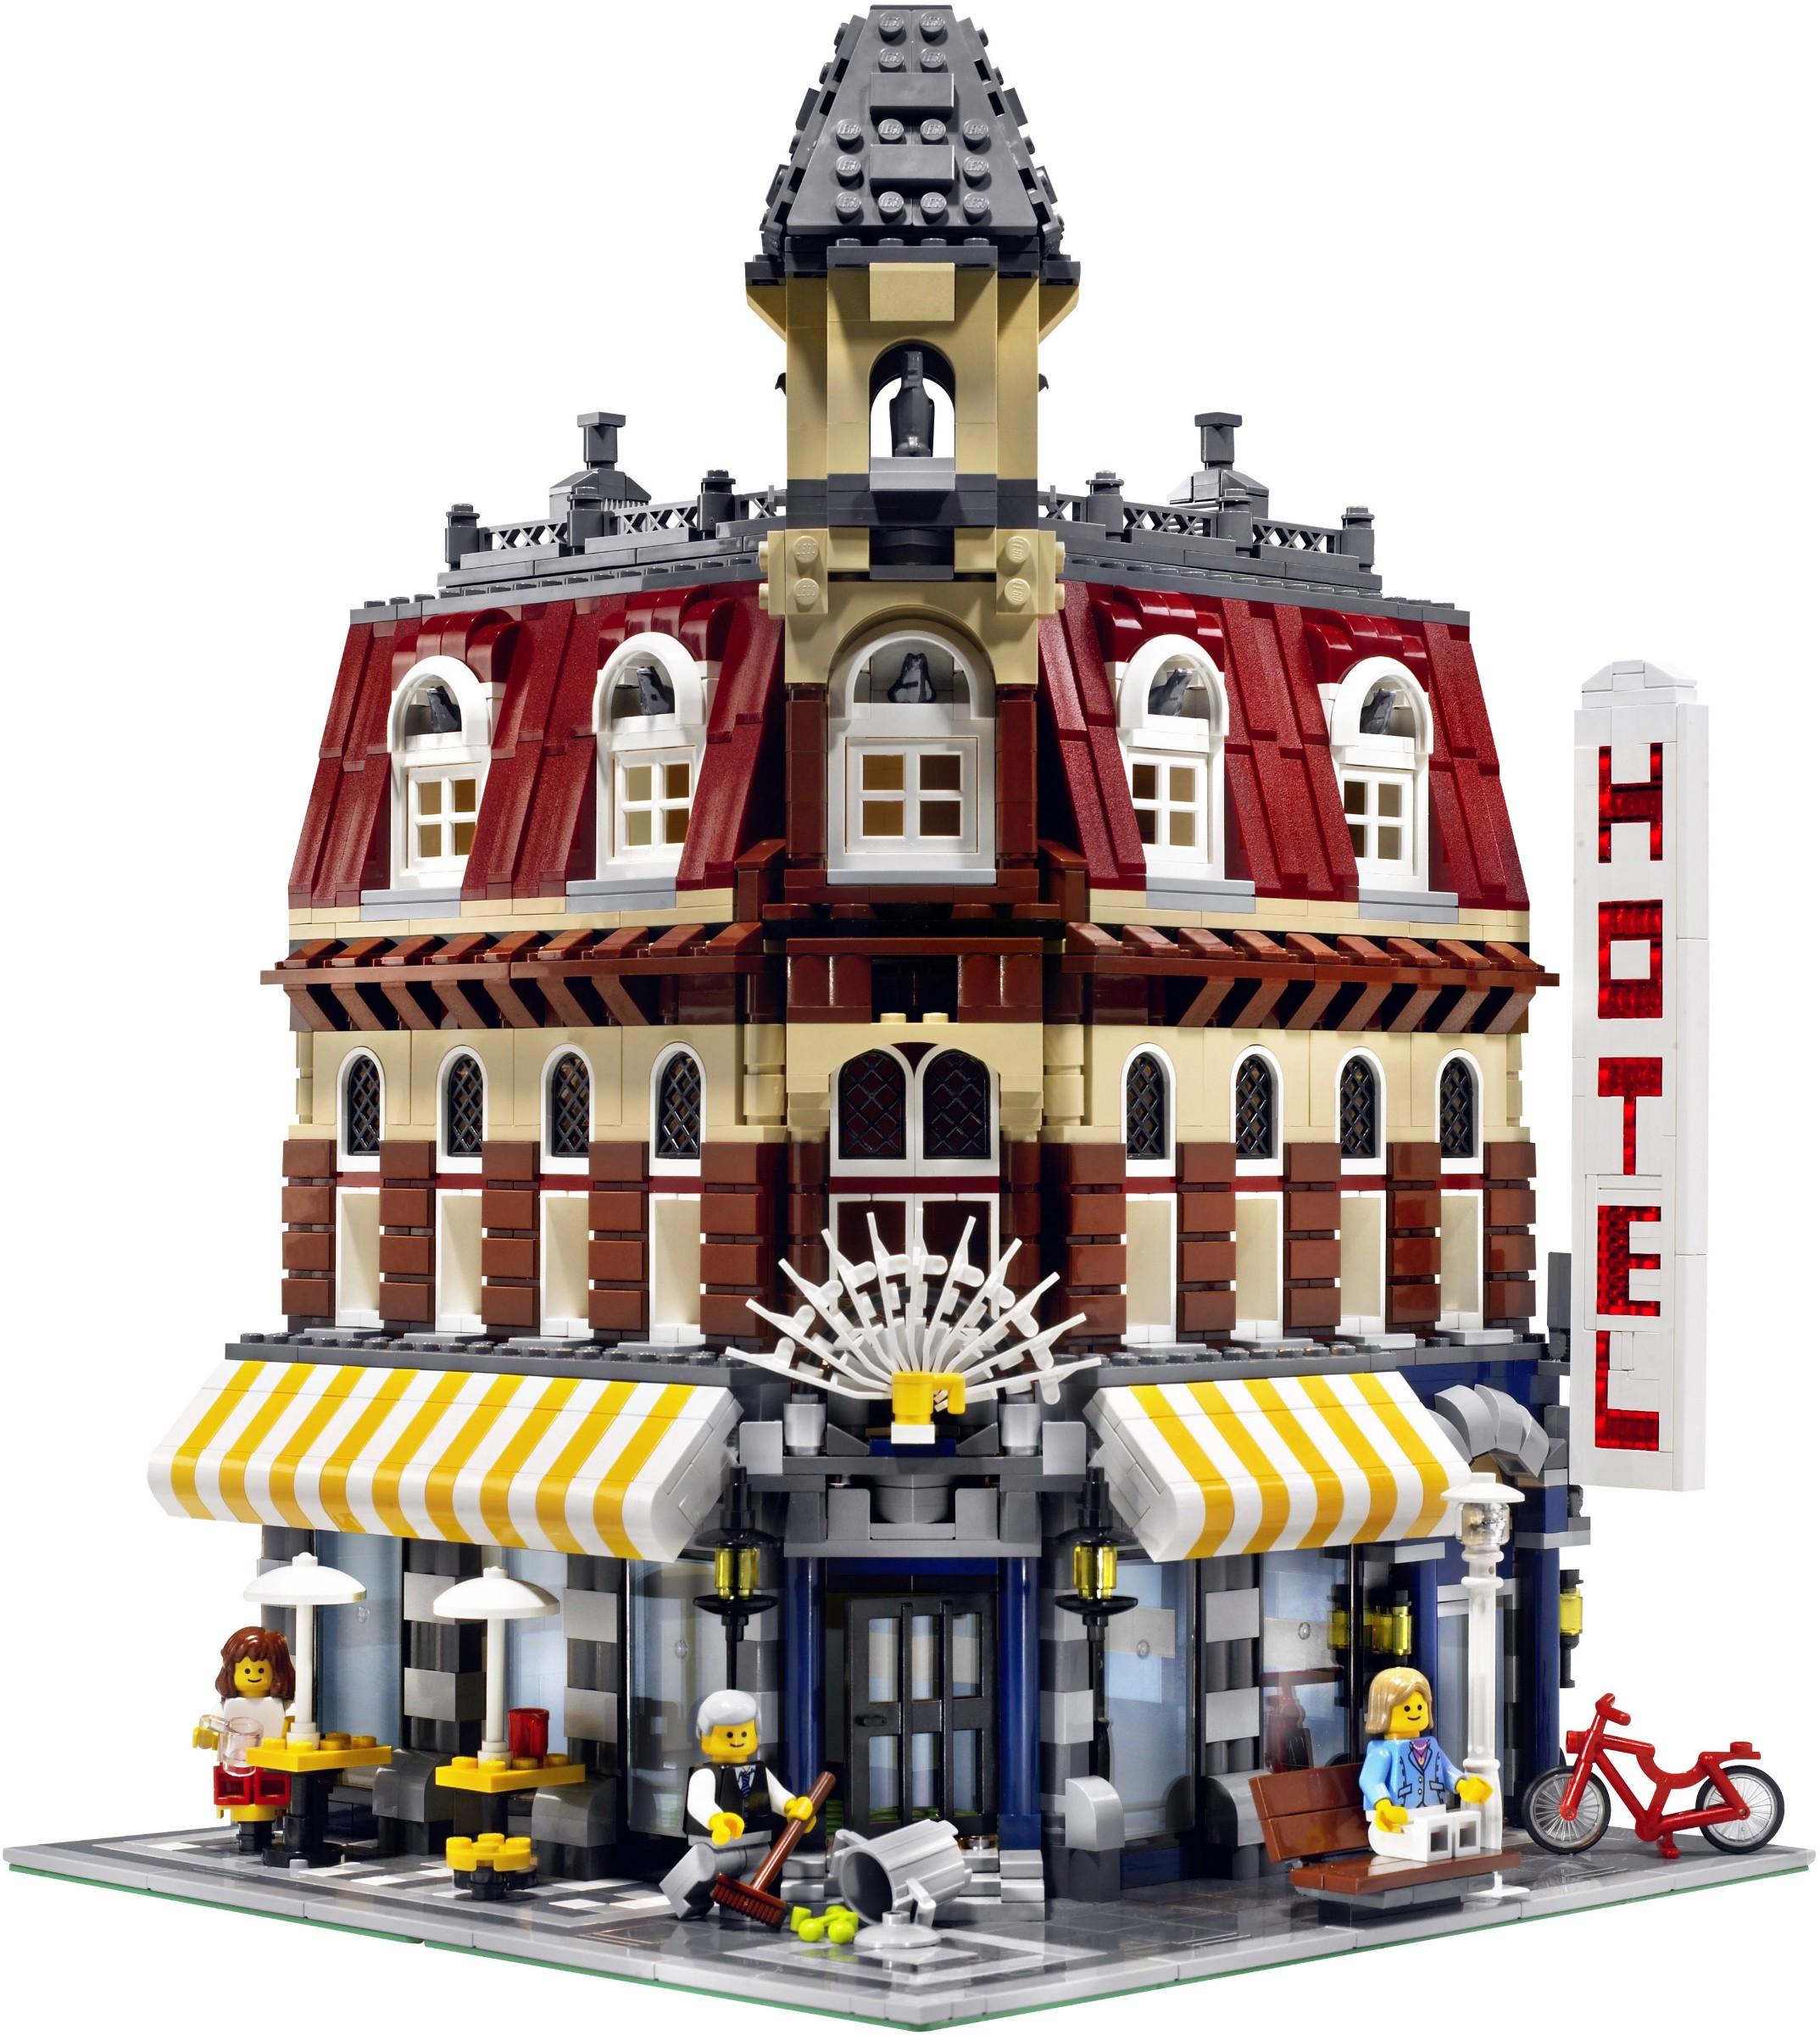 advanced models modular buildings brickset lego set. Black Bedroom Furniture Sets. Home Design Ideas